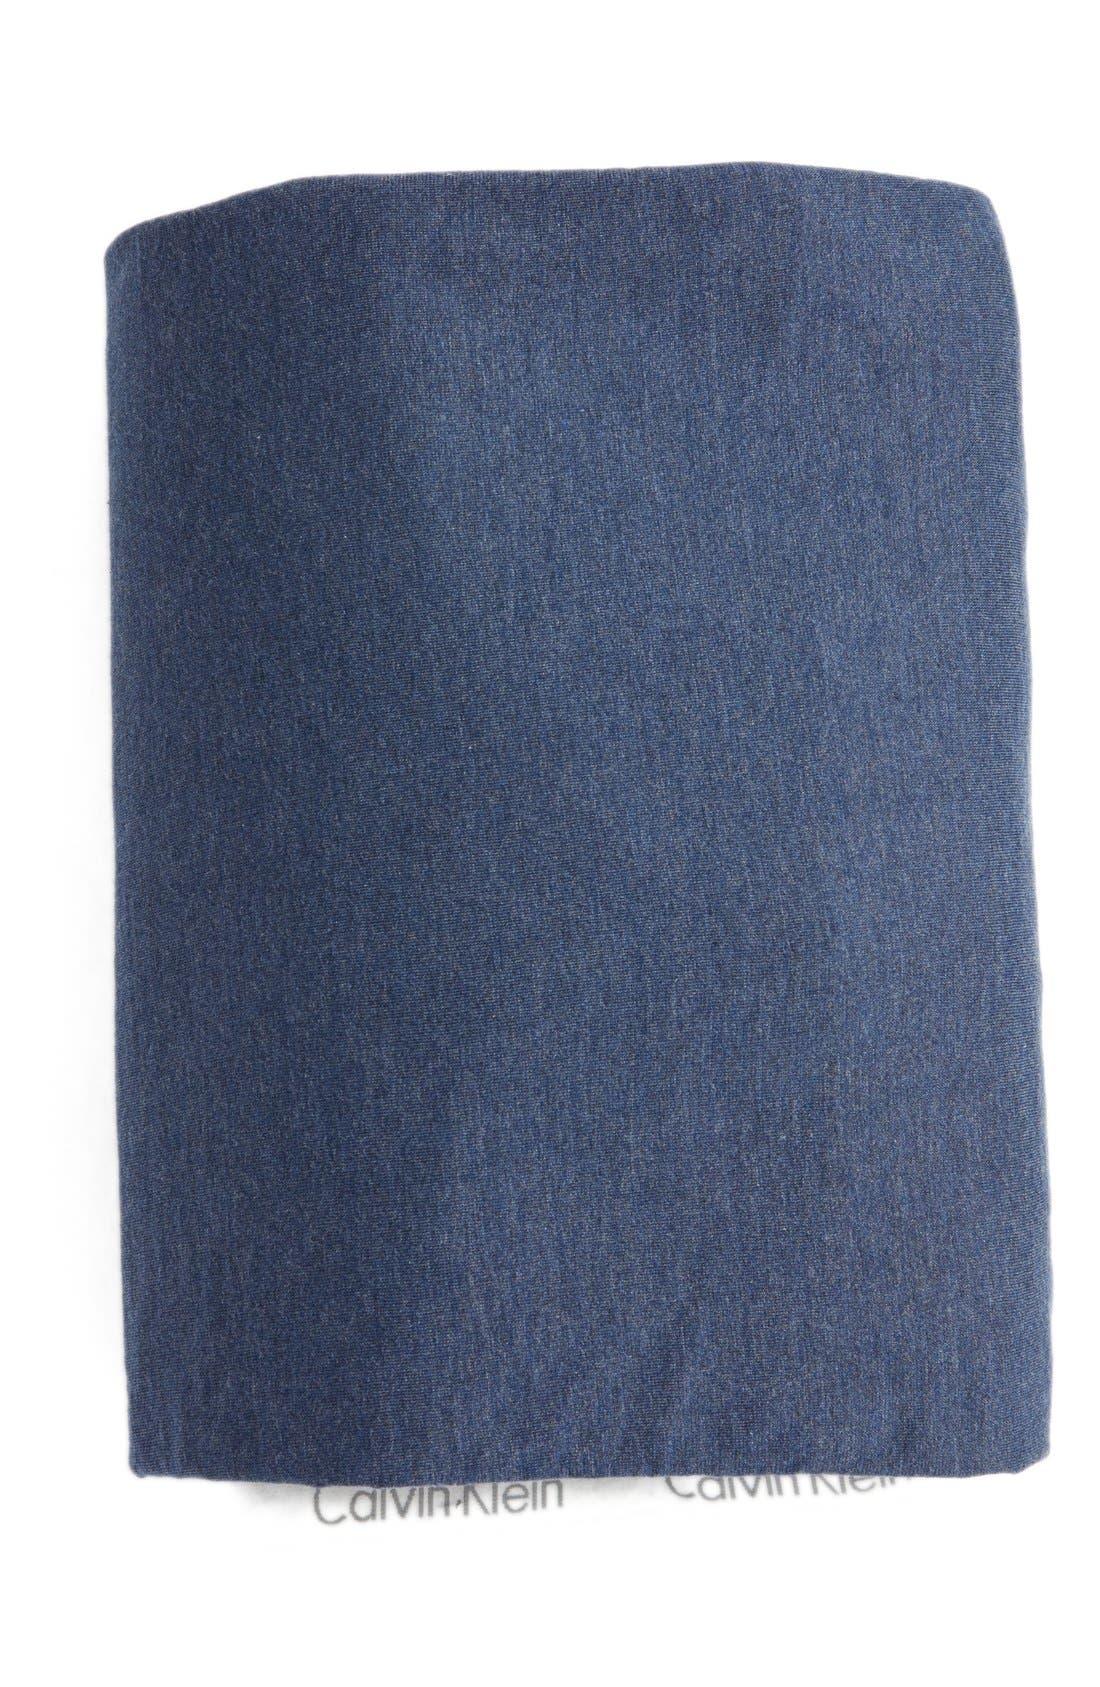 Calvin Klein Bedding Comforters Pillows Sheets Nordstrom